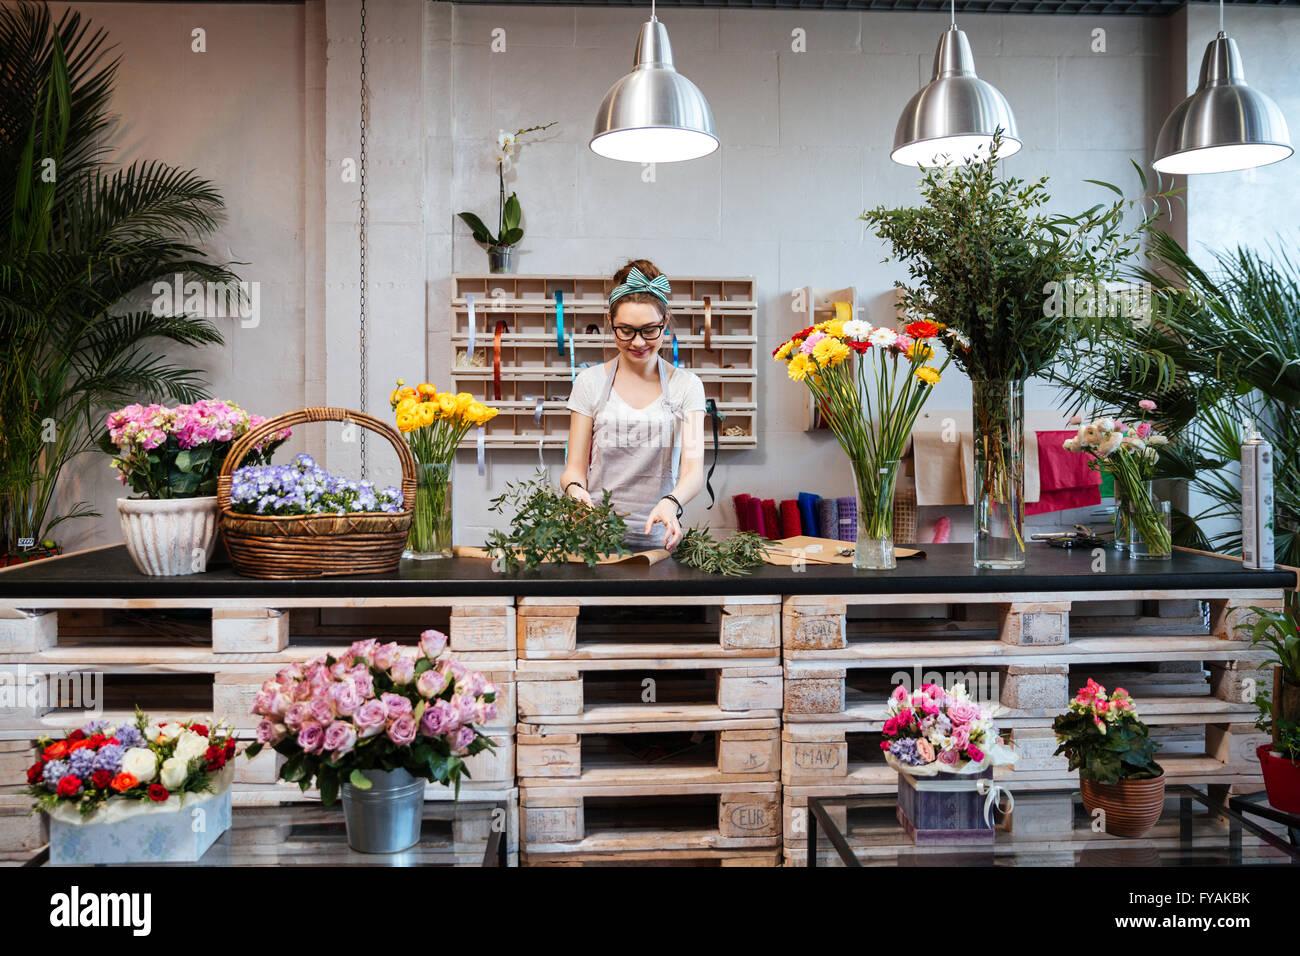 Sorridente attraente giovane donna fioraio permanente e a lavorare nel negozio di fiori Immagini Stock